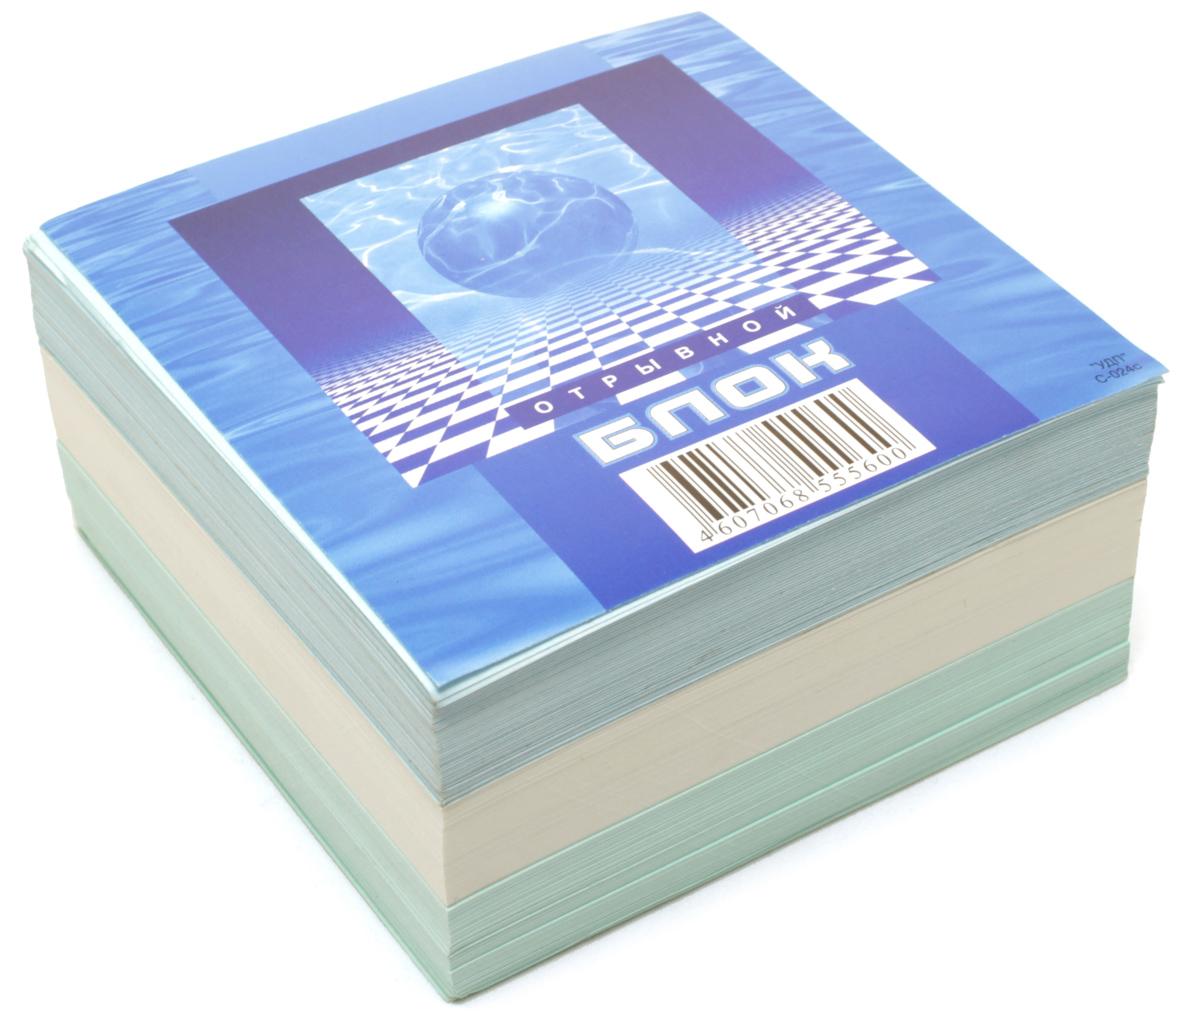 Ульяновский Дом печати Бумага для заметок цветная С-0240703415Бумага для заметок Ульяновский Дом печати - это удобное и практическое решение для быстрой записи информации дома или на работе.Блок состоит из листов бумаги трех цветов и имеет размер 9 см х 9 см х 4,5 см.